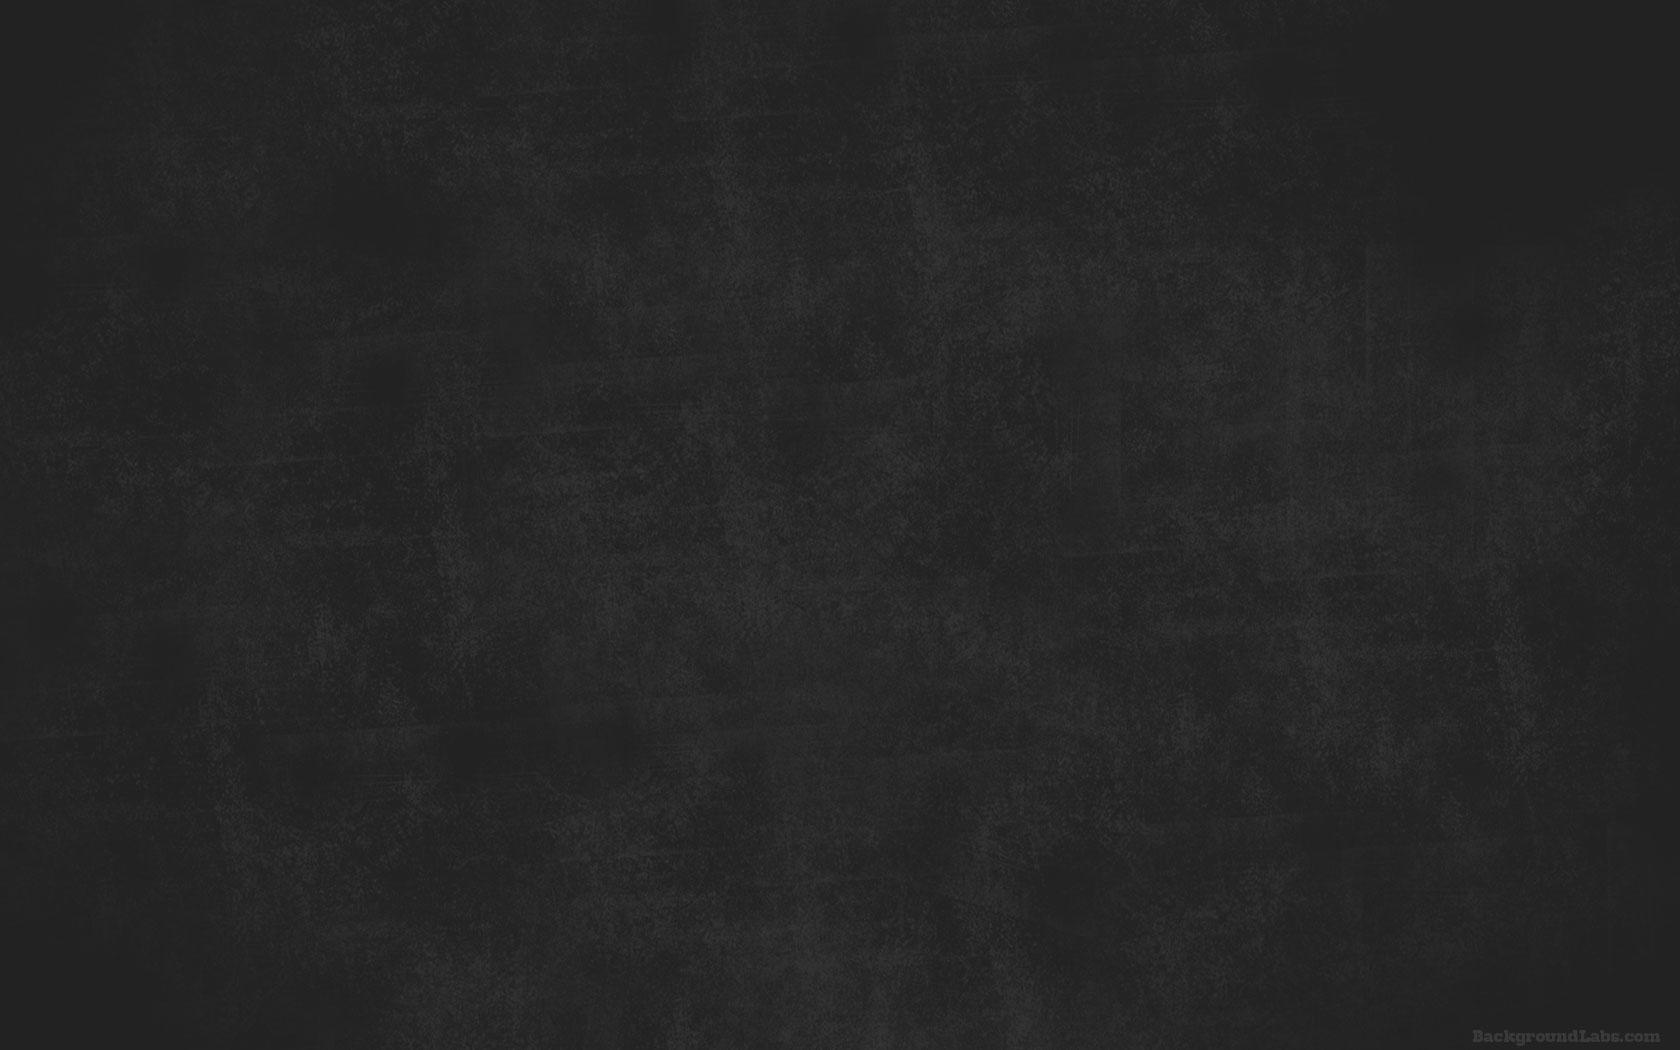 powerpoint backgrounds chalkboard